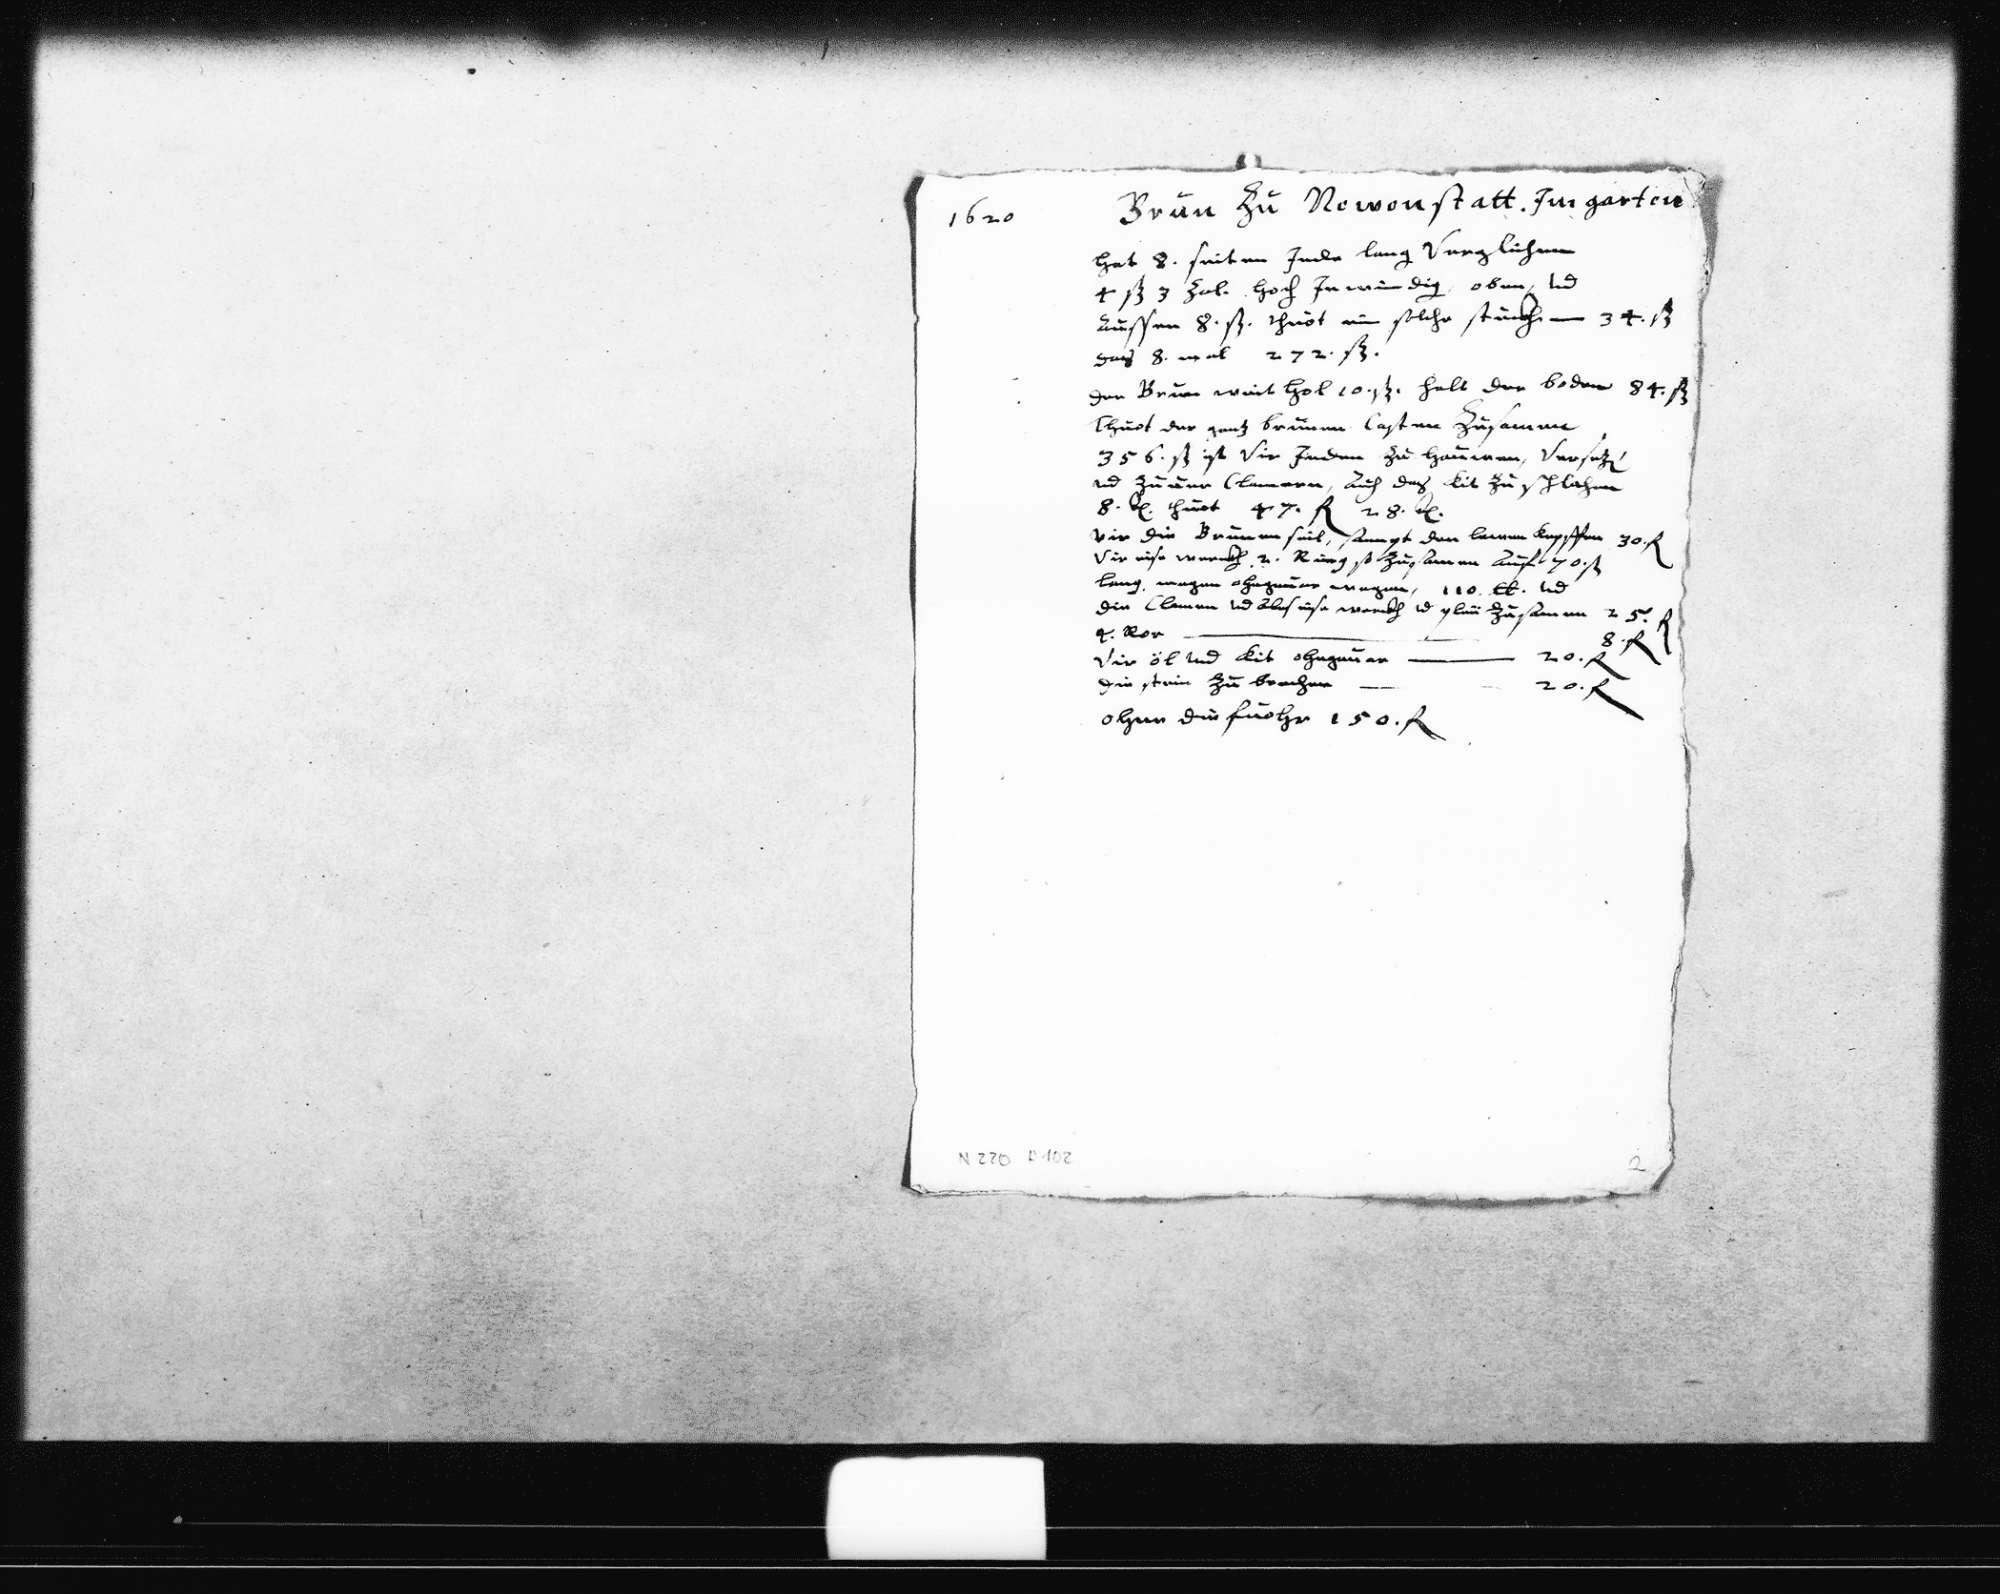 """Kostenvoranschläge, Berechnungen und kleinere Skizzen für den Schlossbrunnen im Garten mit gesonderten Aufstellungen für den Brunnenkasten und die Zuleitungsrohre (""""teichel"""") und einer Abrechnung des Steinmetzes, 1617-1618, 1620, einige o. D. (9 Folio, Oktav), mit kurzer Aufstellung des Reiseverlaufs und der Reisezeit von Stuttgart nach Neuenstadt, Bild 3"""